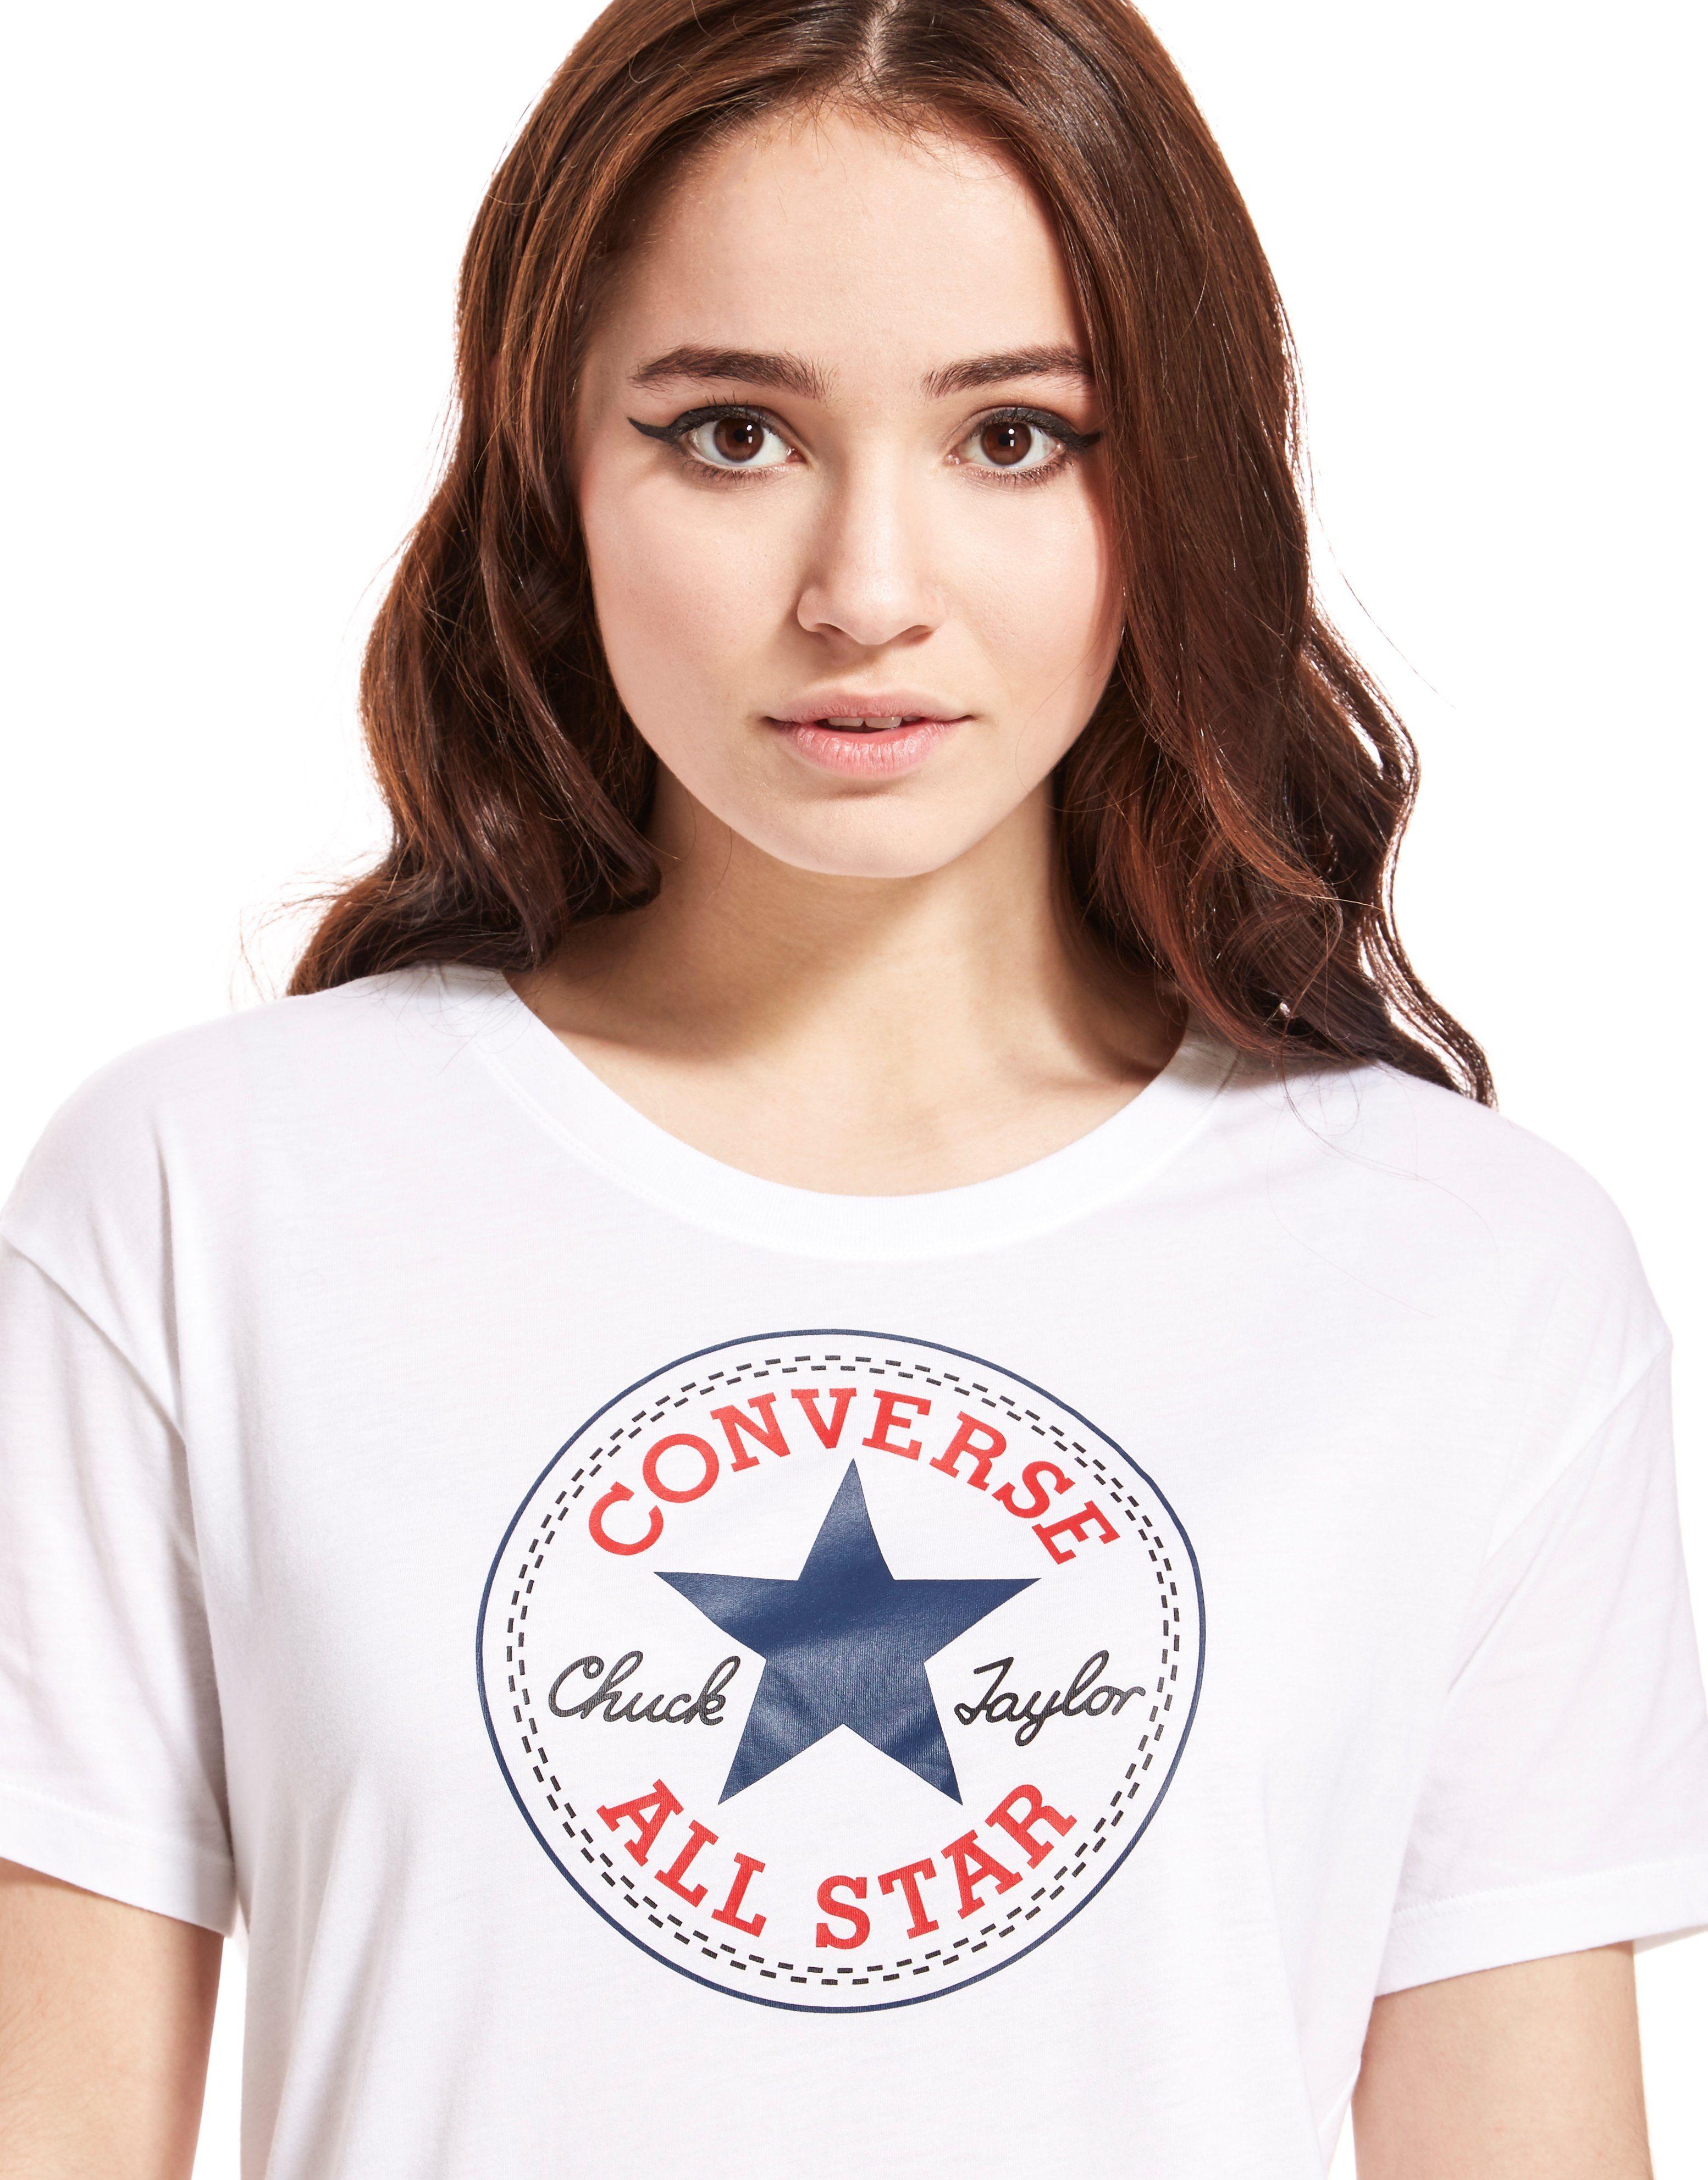 Converse Chuck Oversized T-Shirt